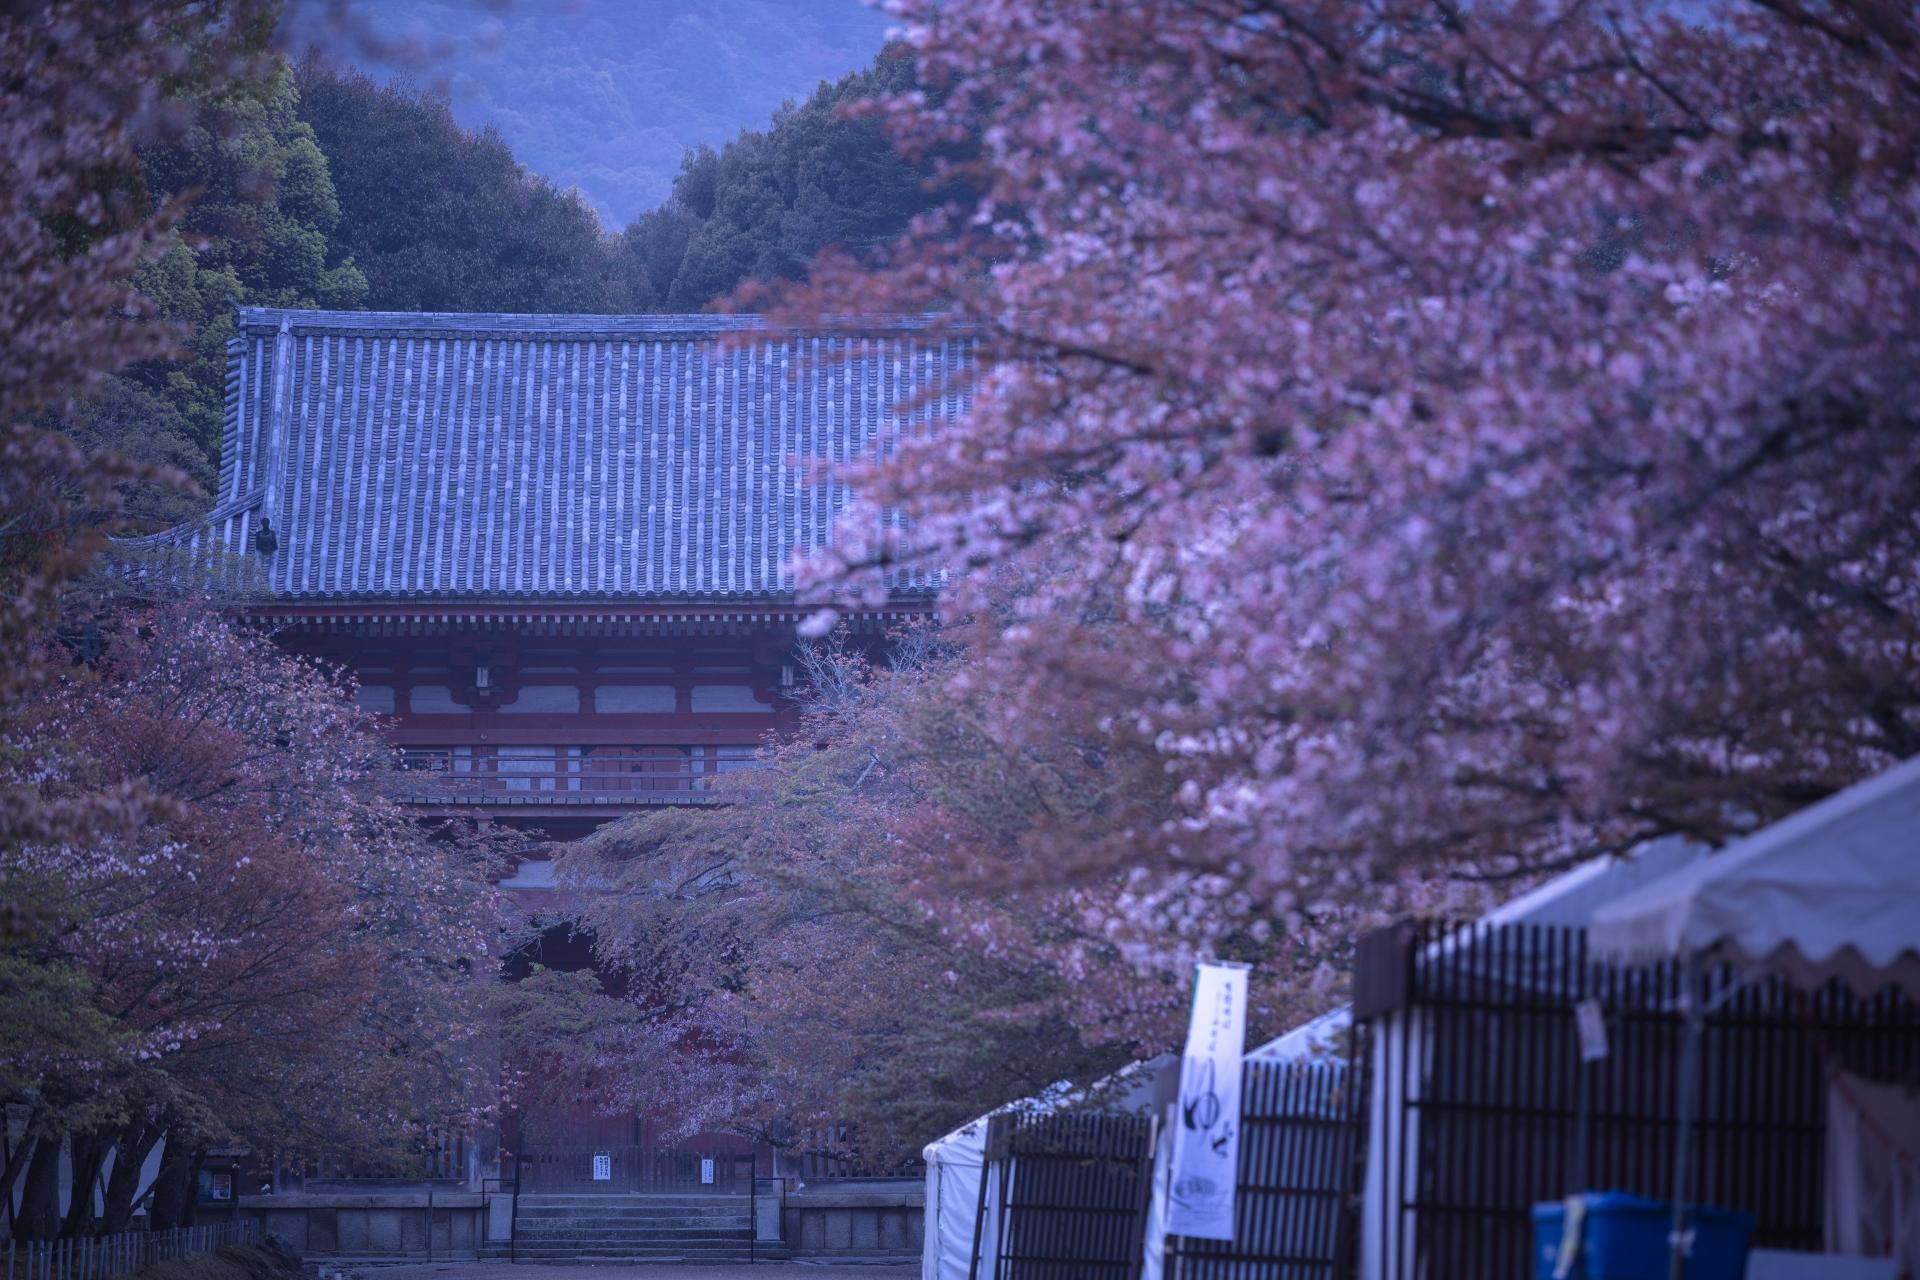 4021042_m 京都府 醍醐寺(花の醍醐と呼ばれる桜の景色が美しい春におすすめ写真スポット! 撮影した写真の紹介、アクセス情報など)